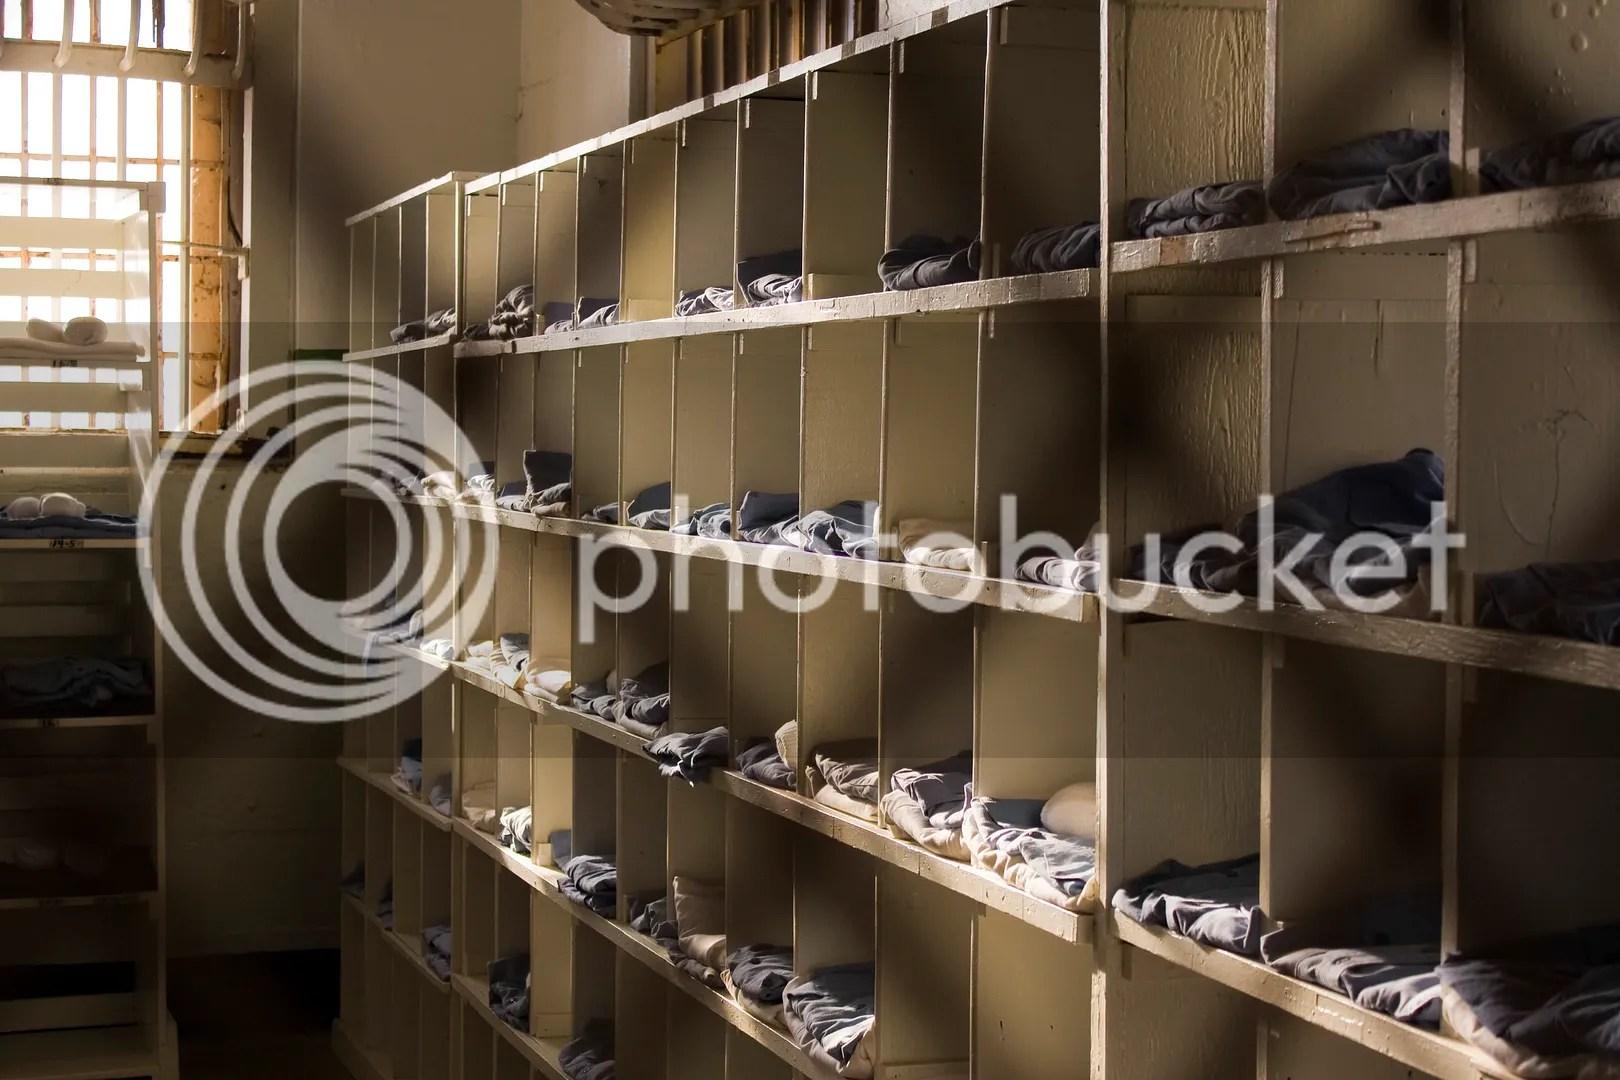 Prison laundry